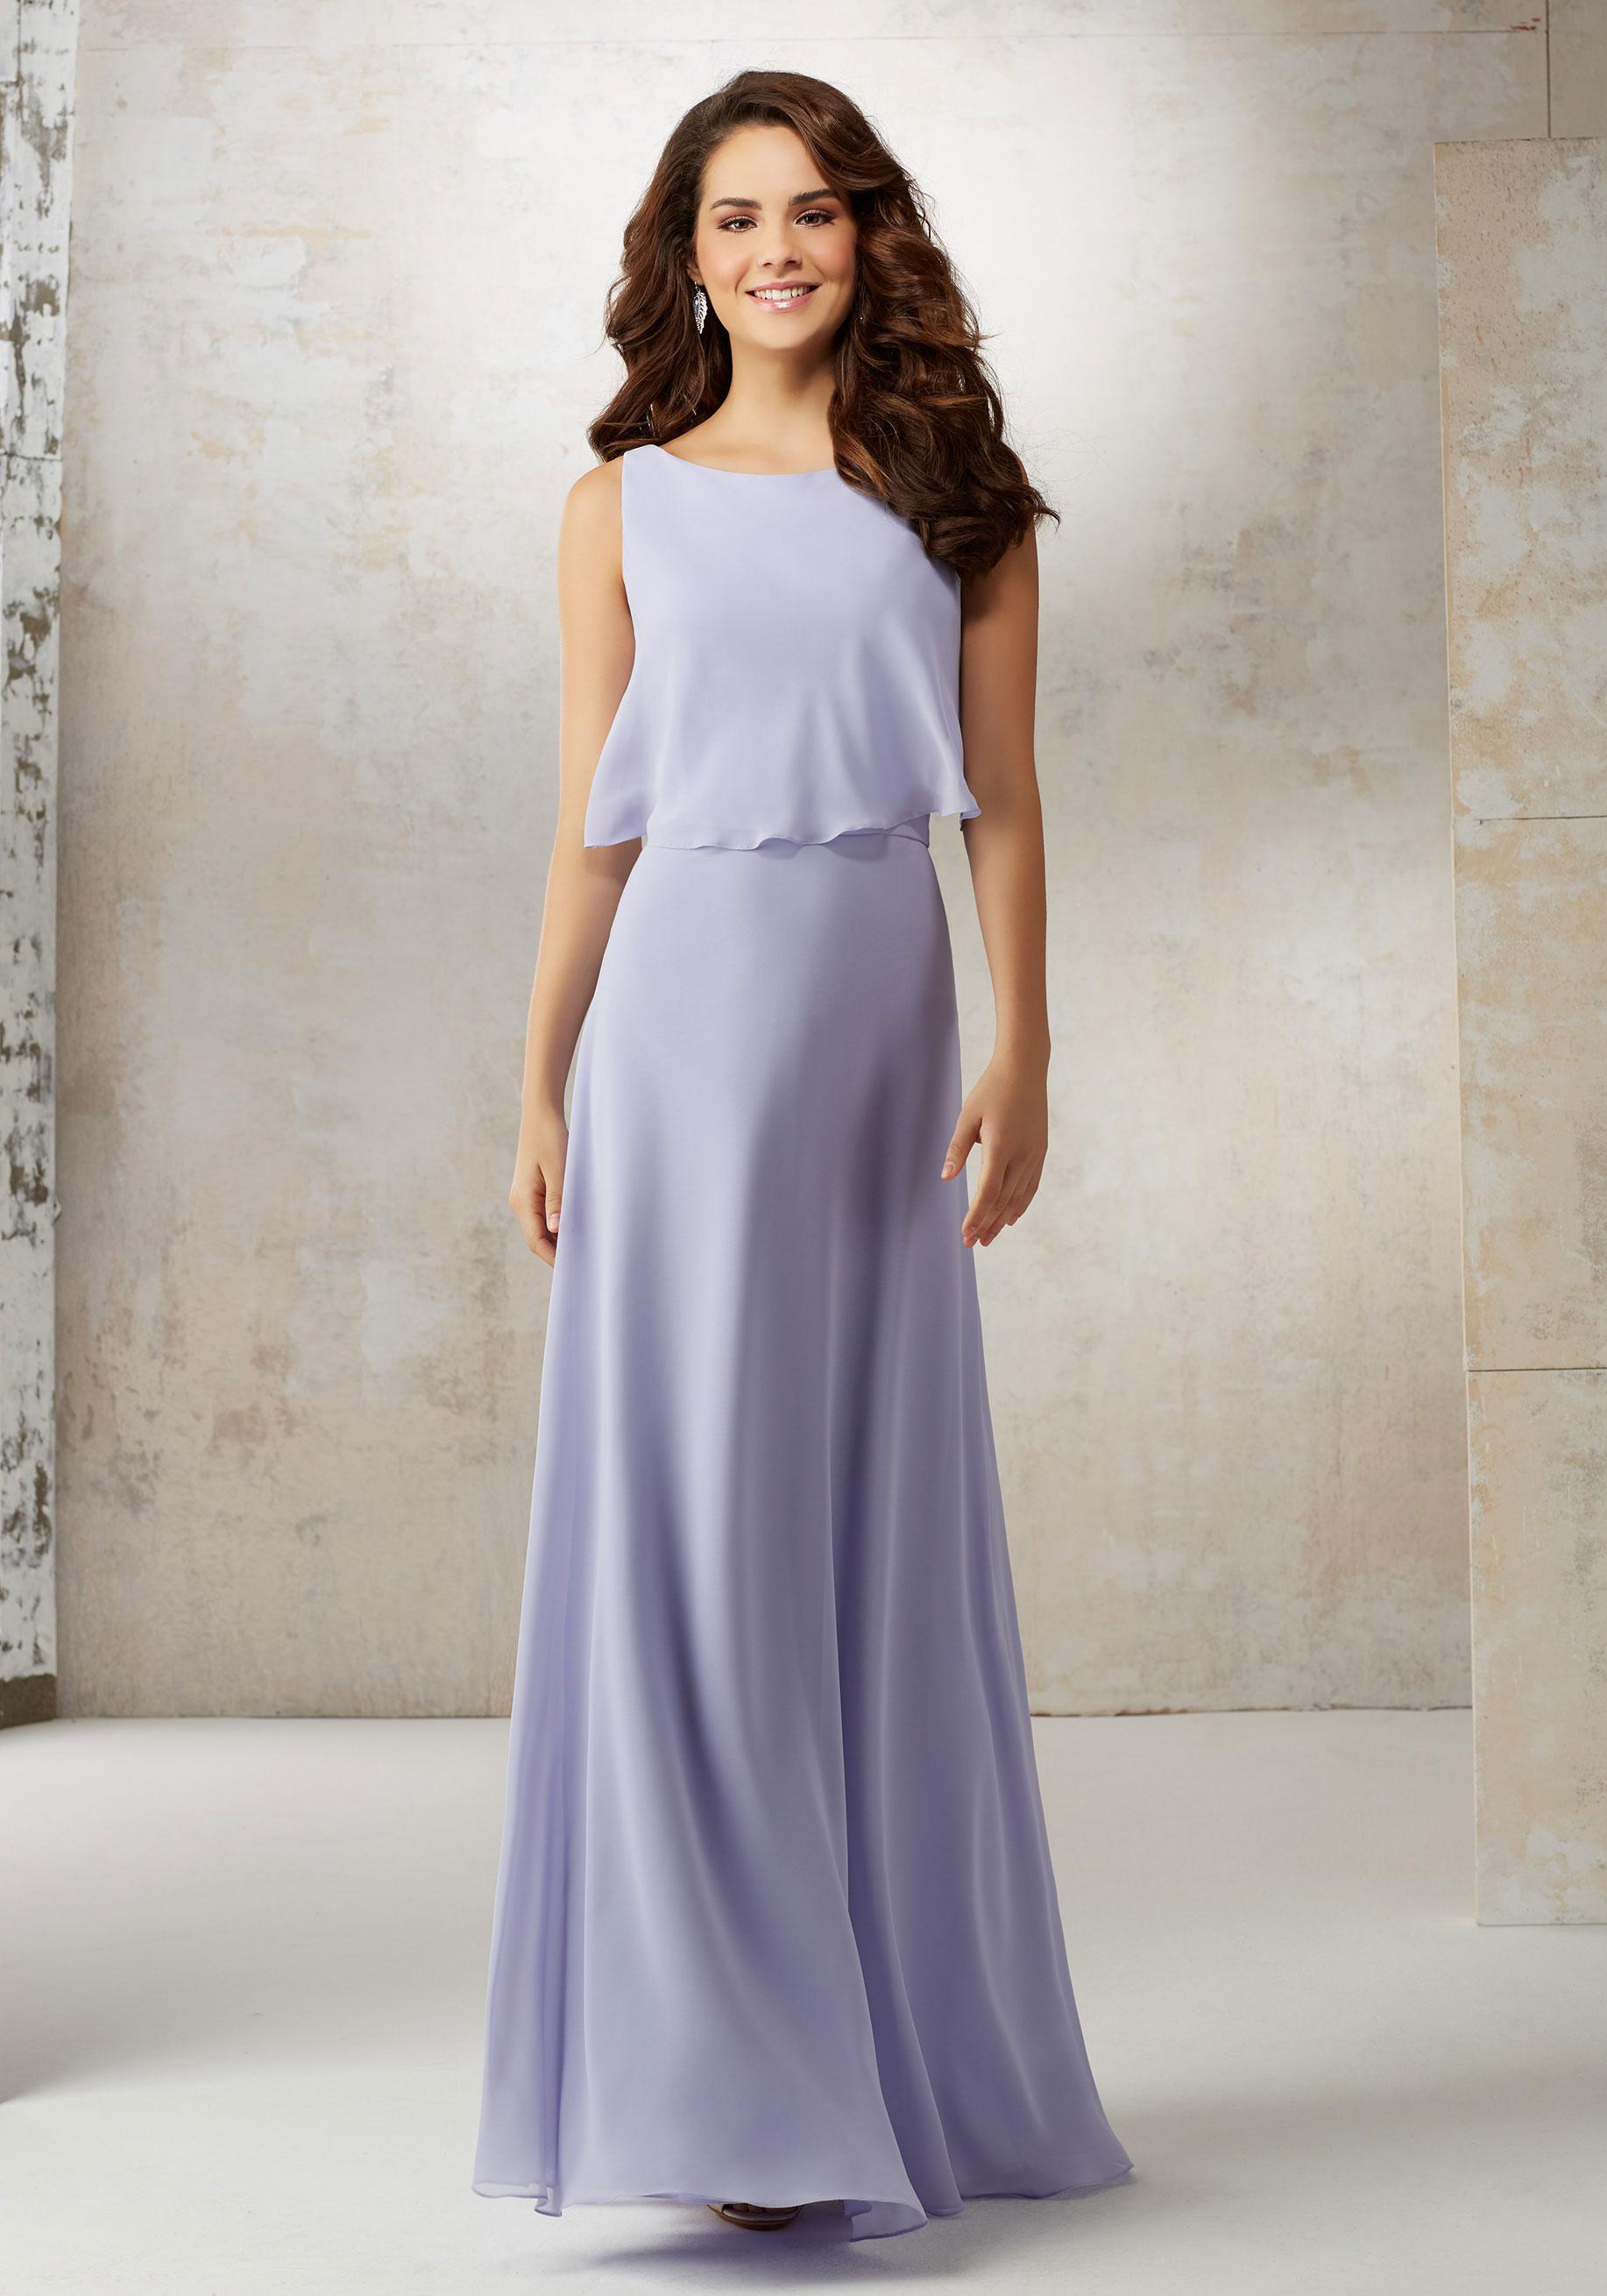 sky blue wedding dresses photo - 1